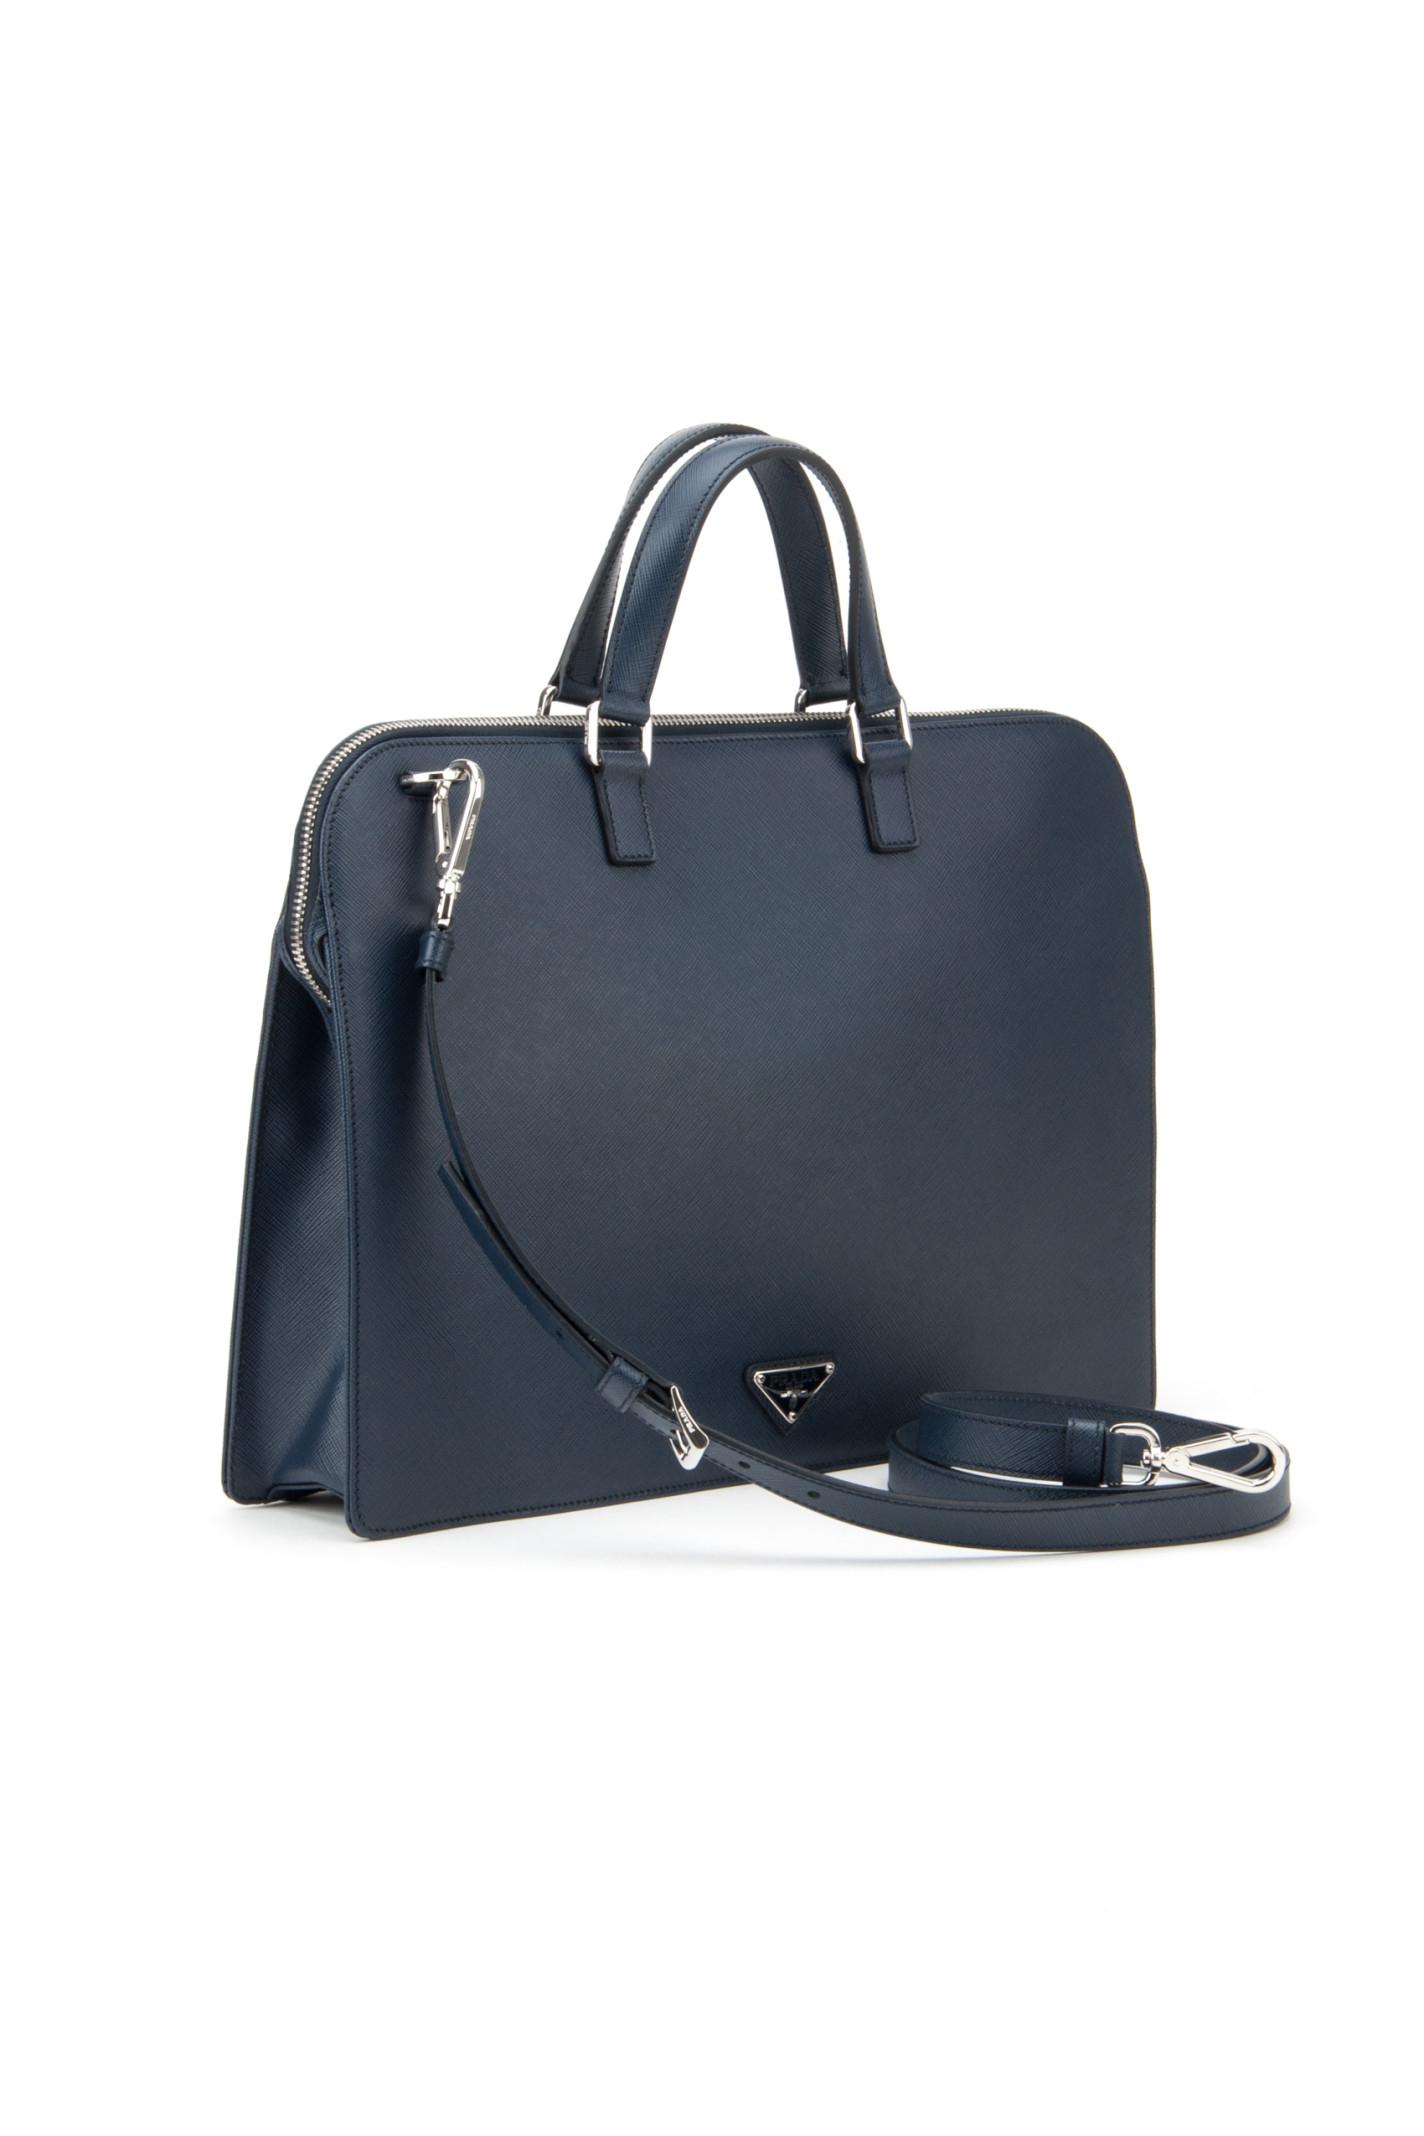 knock off prada bags - prada saffiano travel briefcase, prada saffiano continental wallet ...